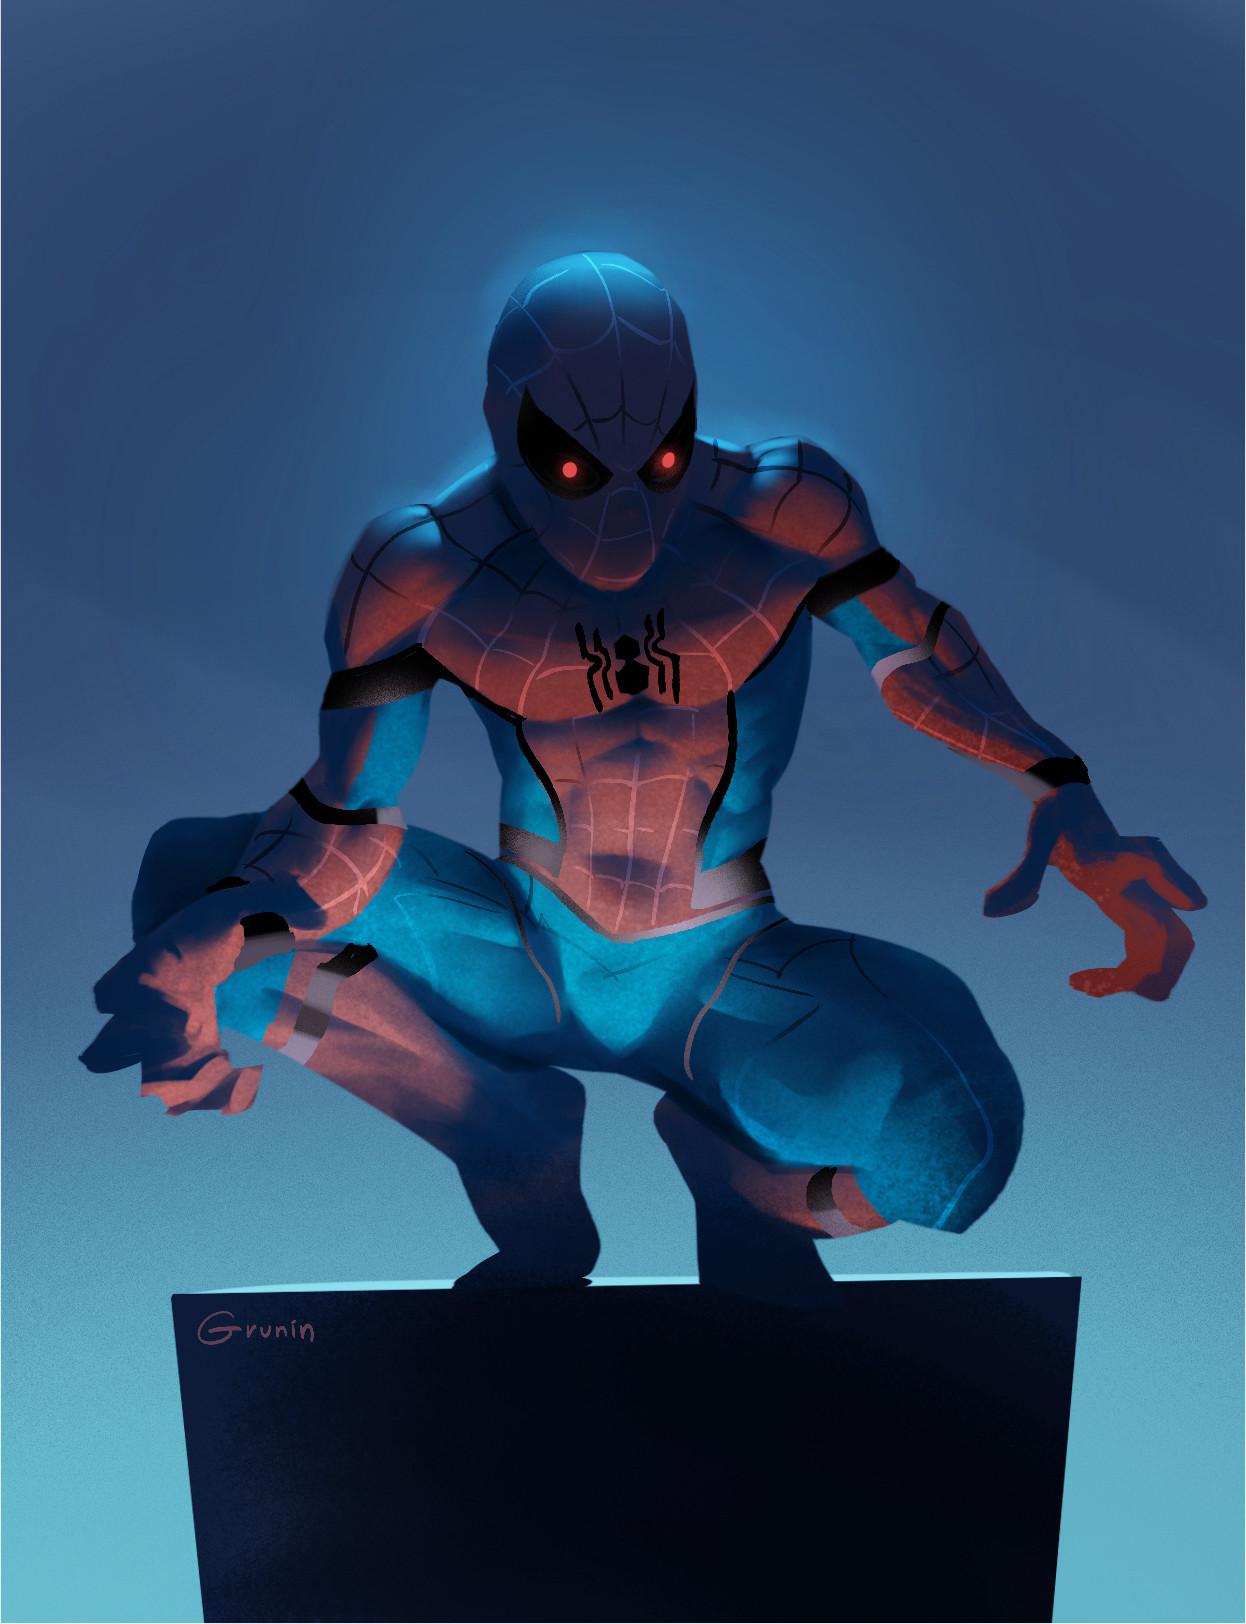 Sergey grunin spider